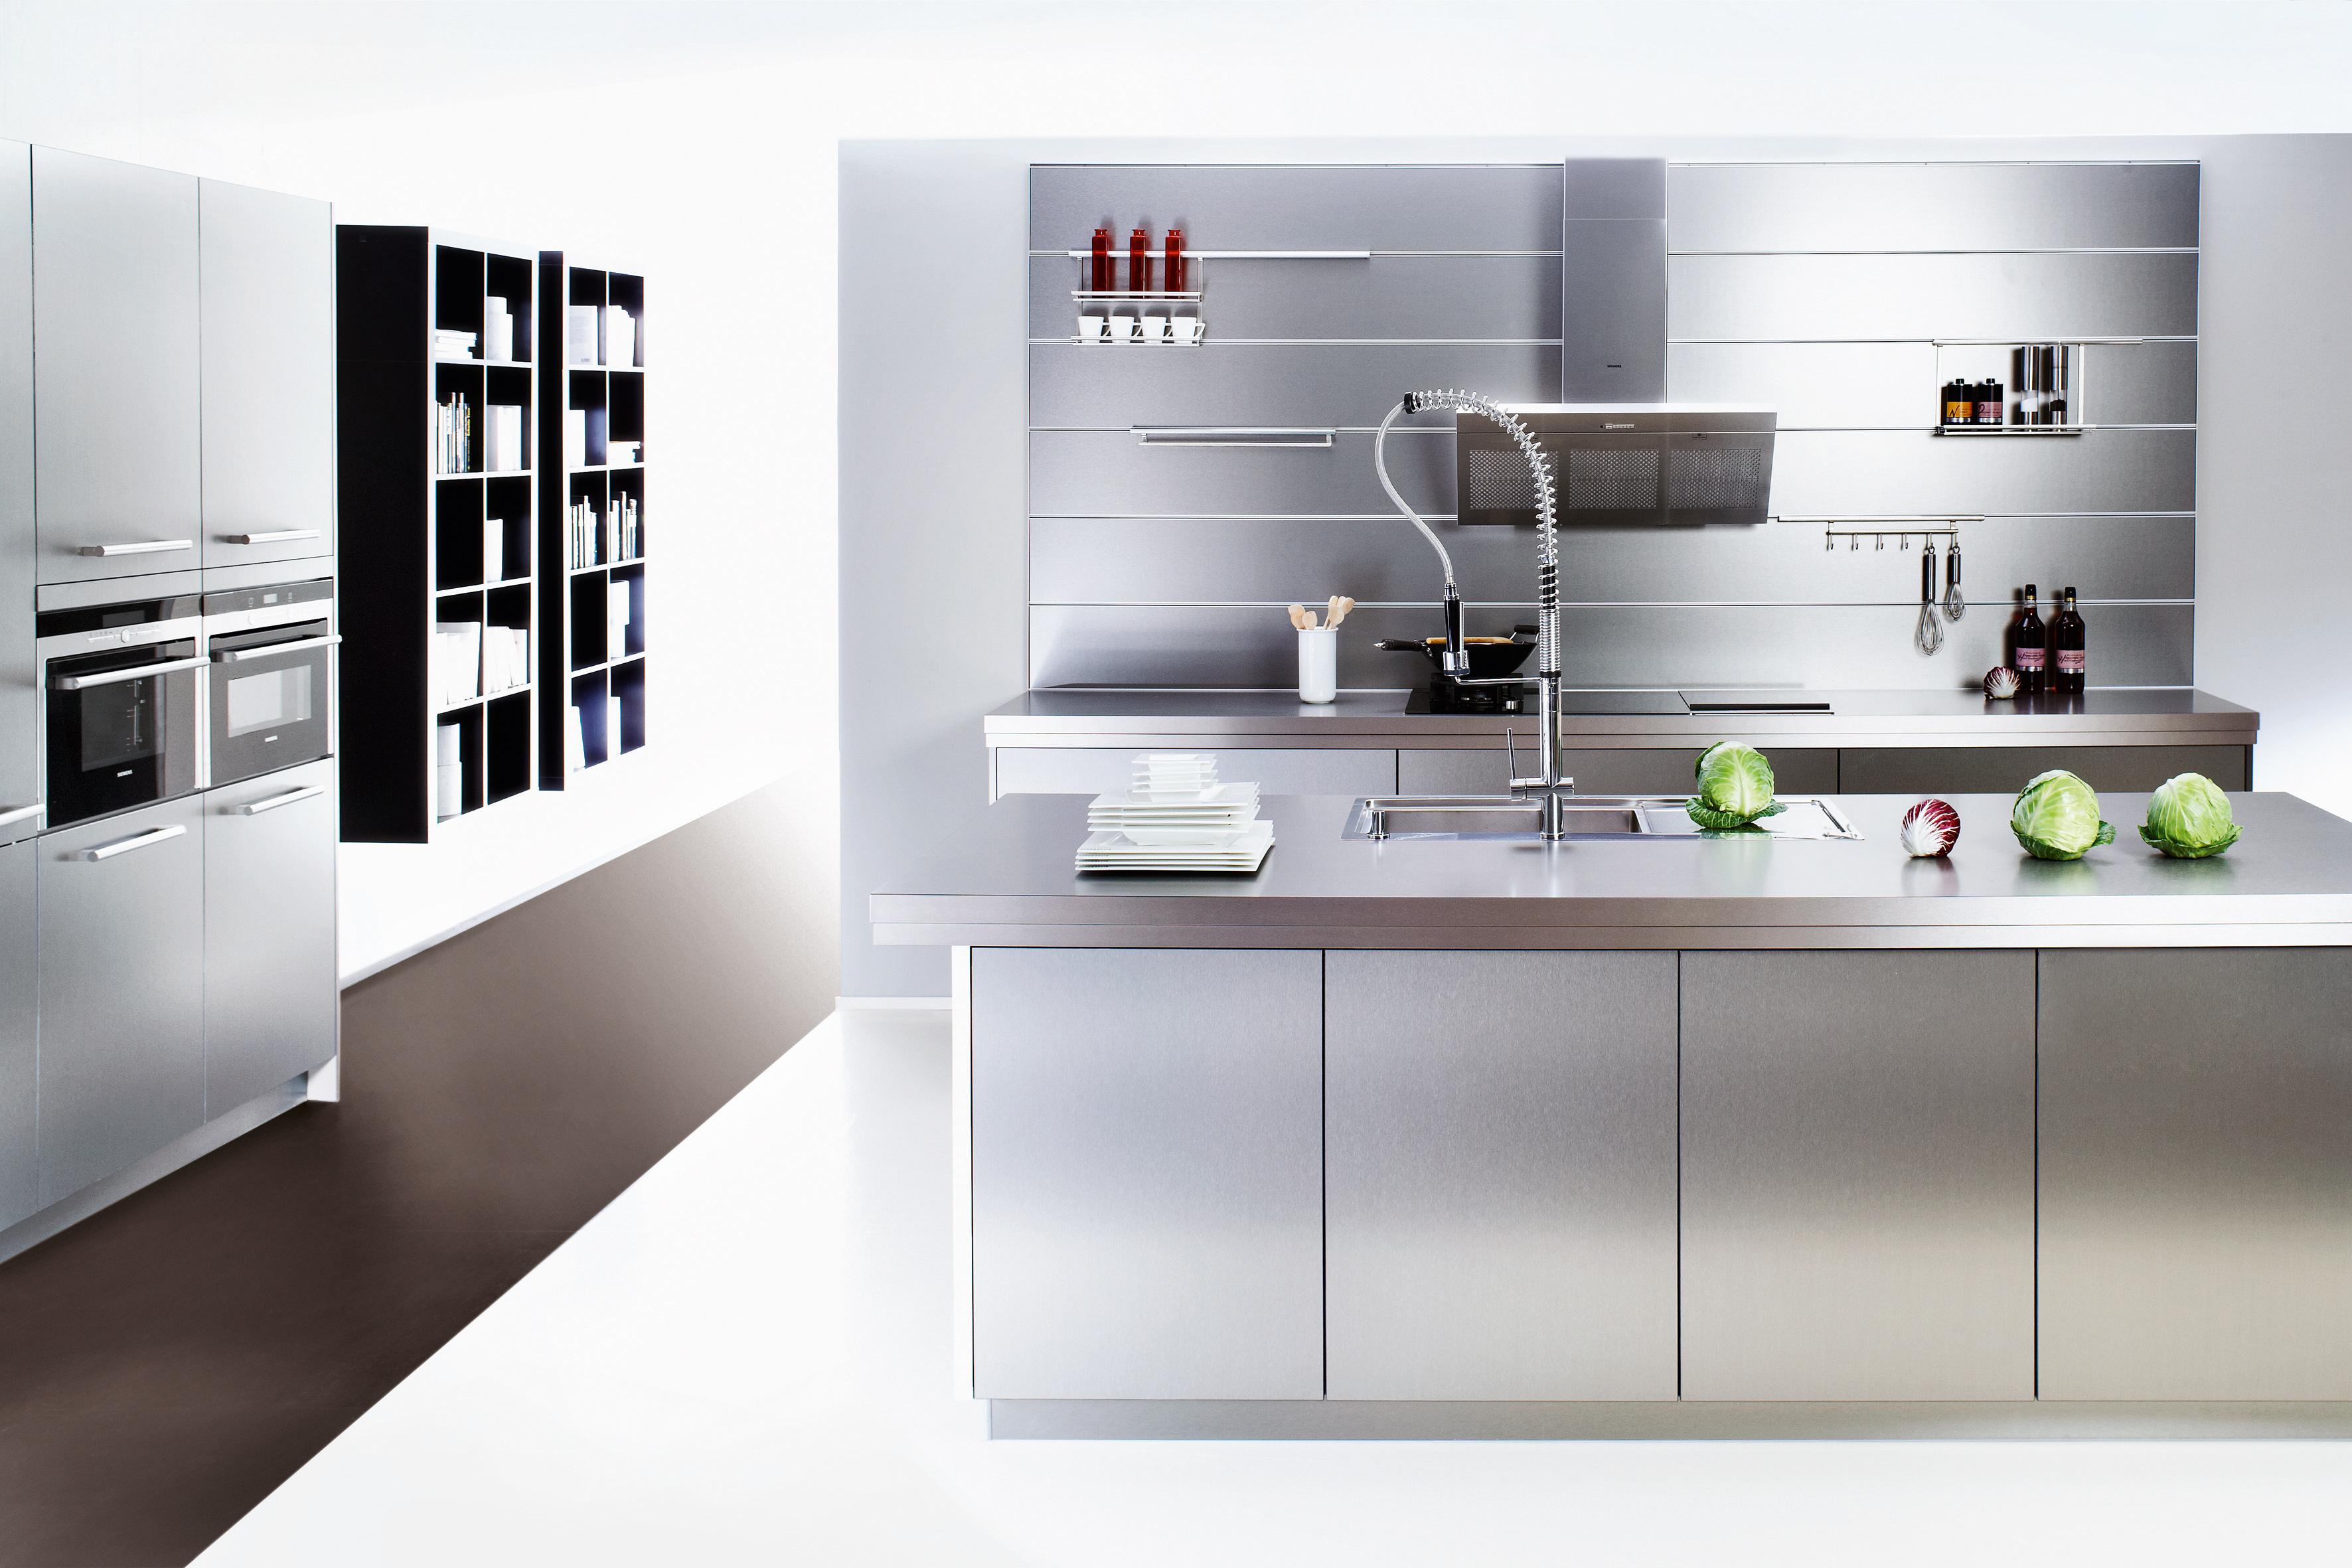 Küchenrückwand: Holz, Glas oder Metall?